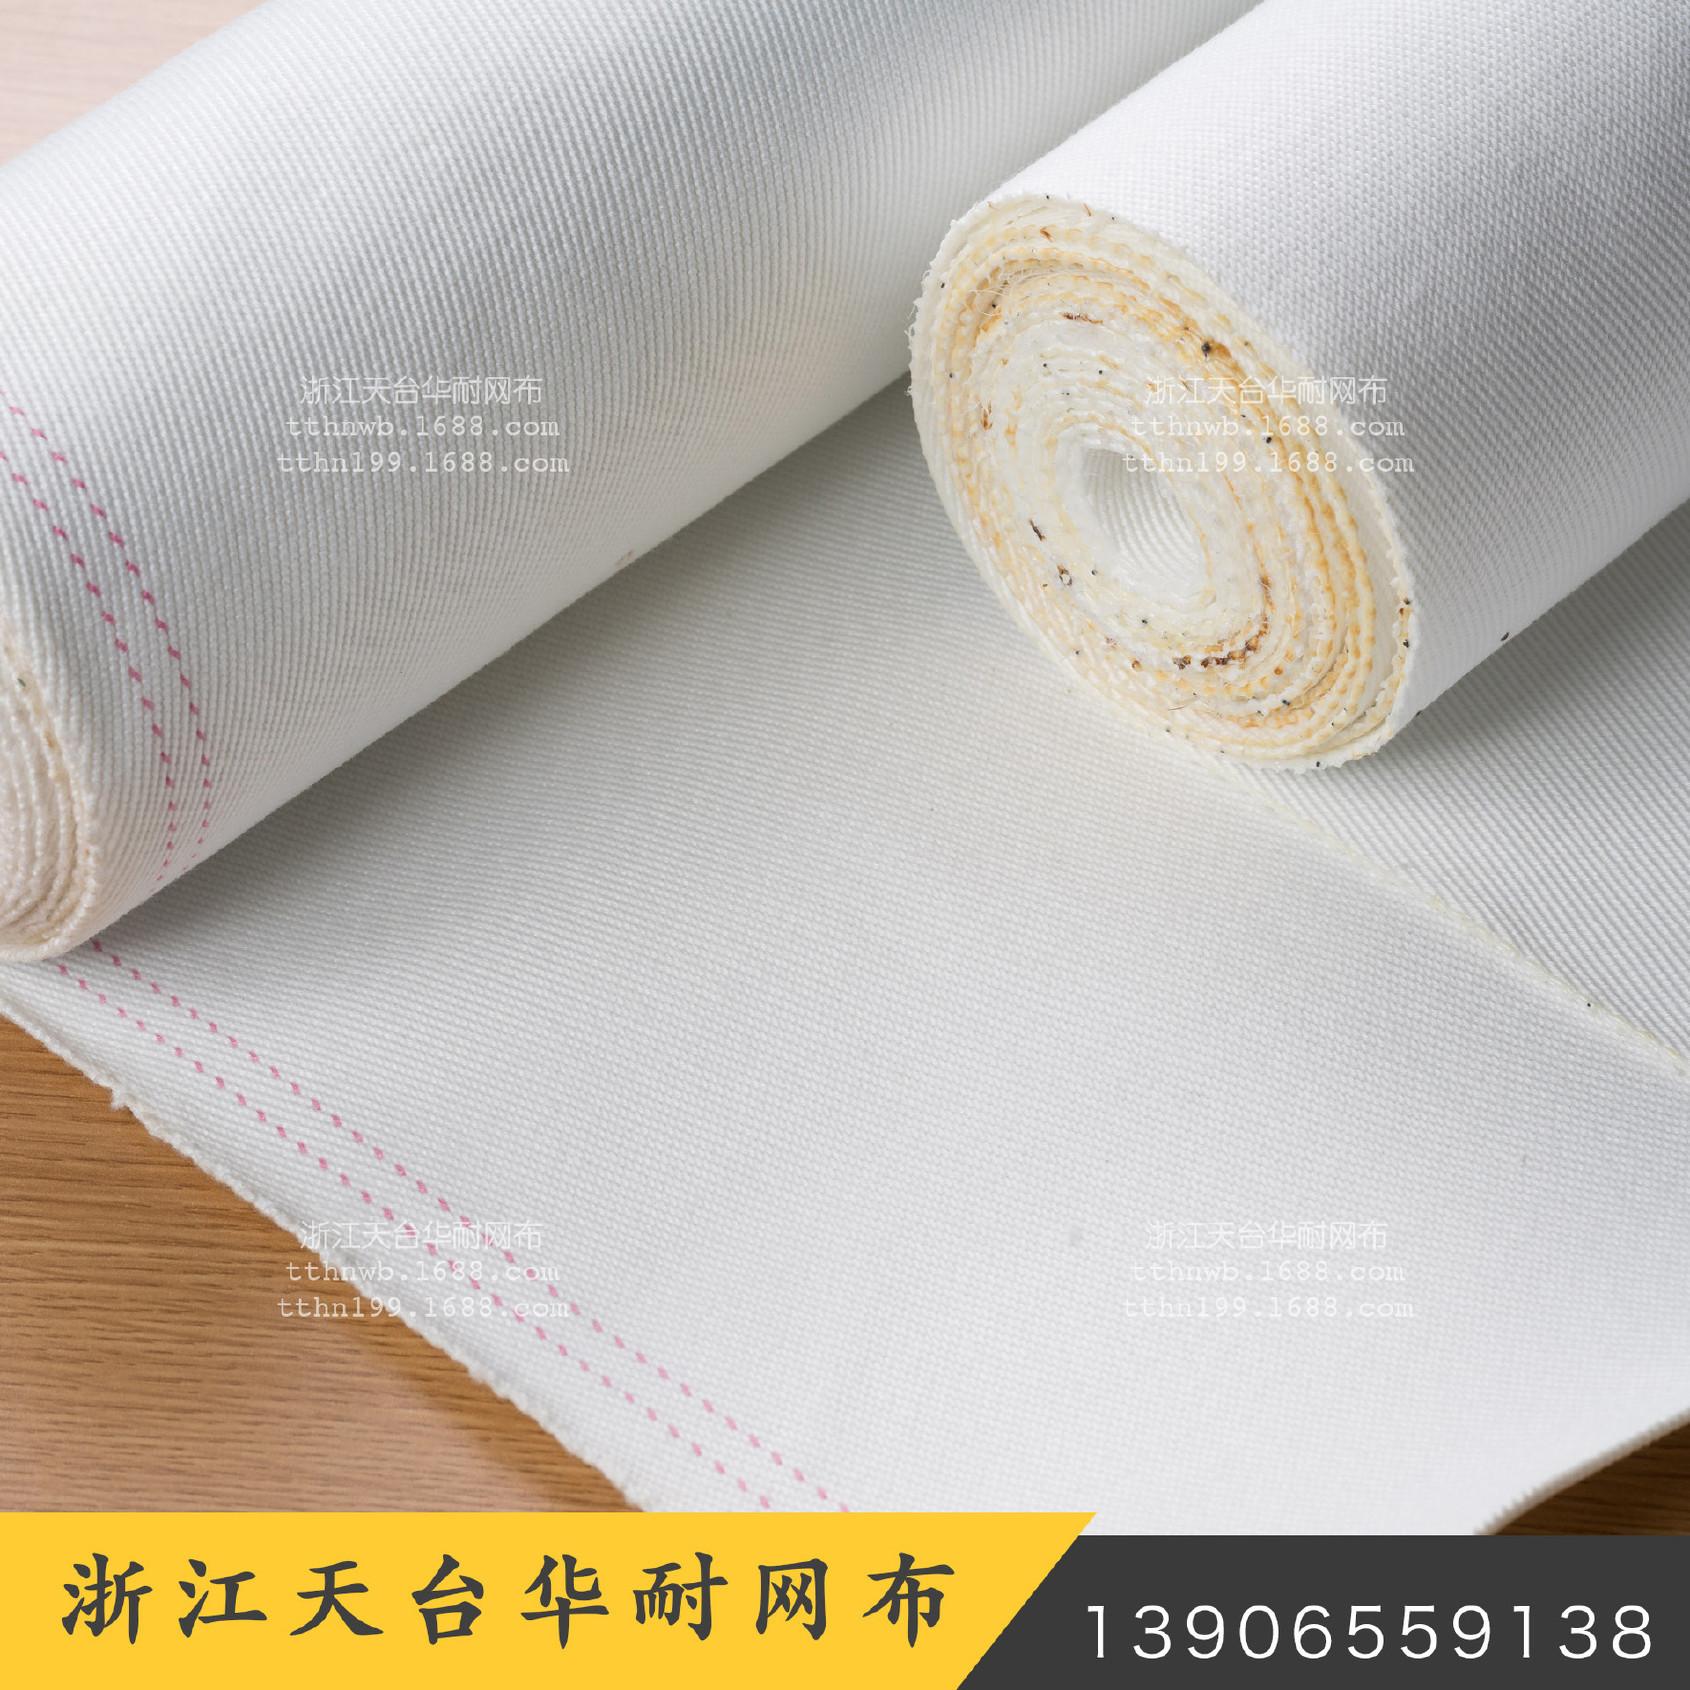 涤纶滤布 涤纶布 涤纶无纺布 涤纶短纤 涤纶长丝滤布 涤纶系列